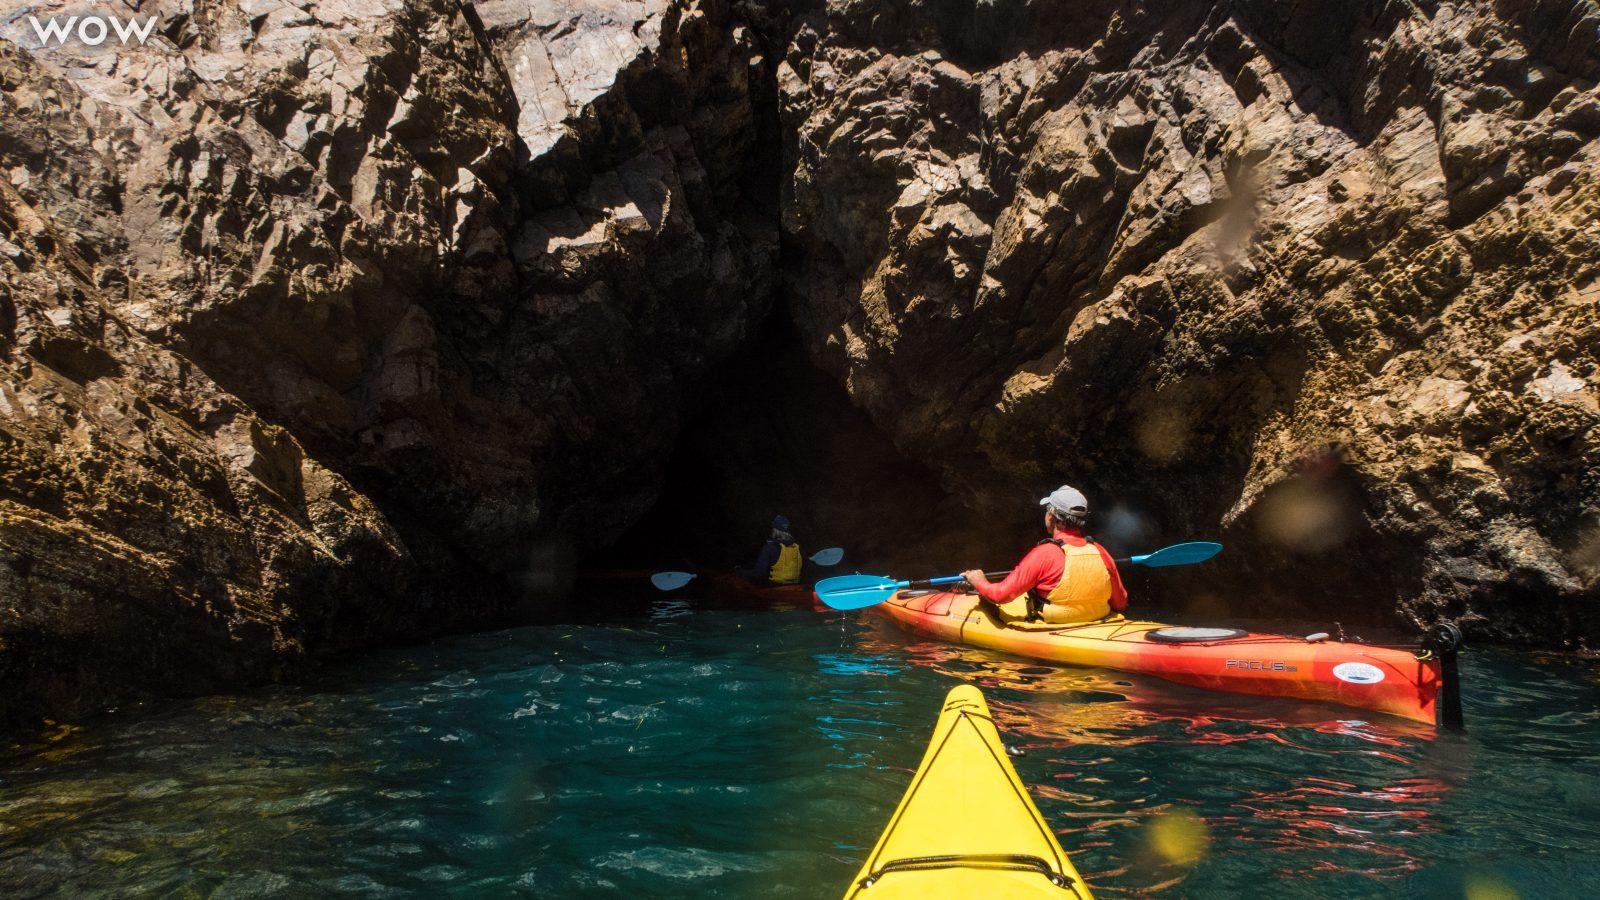 Rapid-Bay-Kayak2-4256-1600x900.jpg